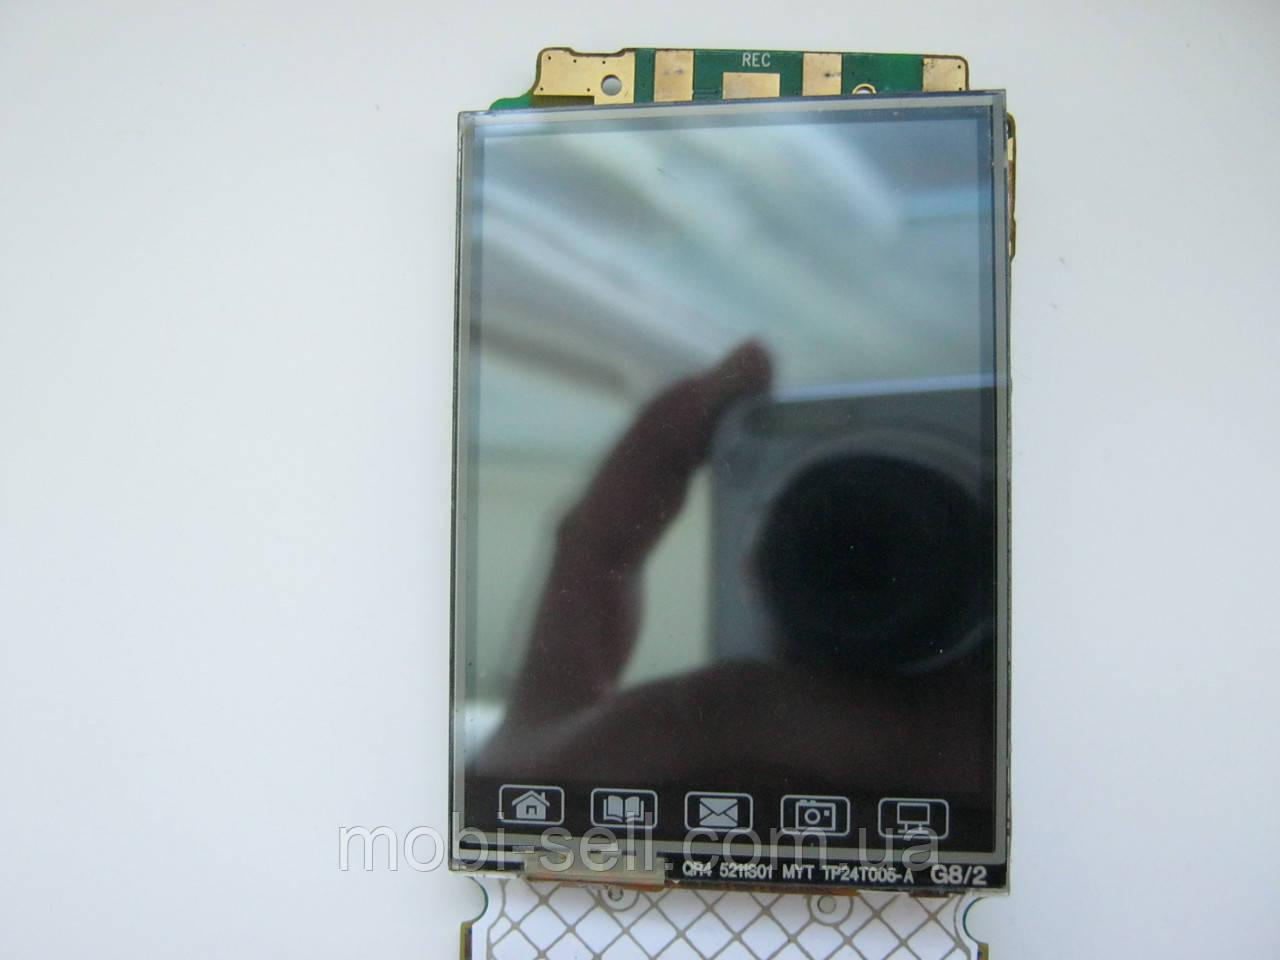 Роз'єм зарядки Samsung D600 / E330 / E330N / E360 / E380 / E730 / E750 / E760 / E800 / E820 / S400 / X480